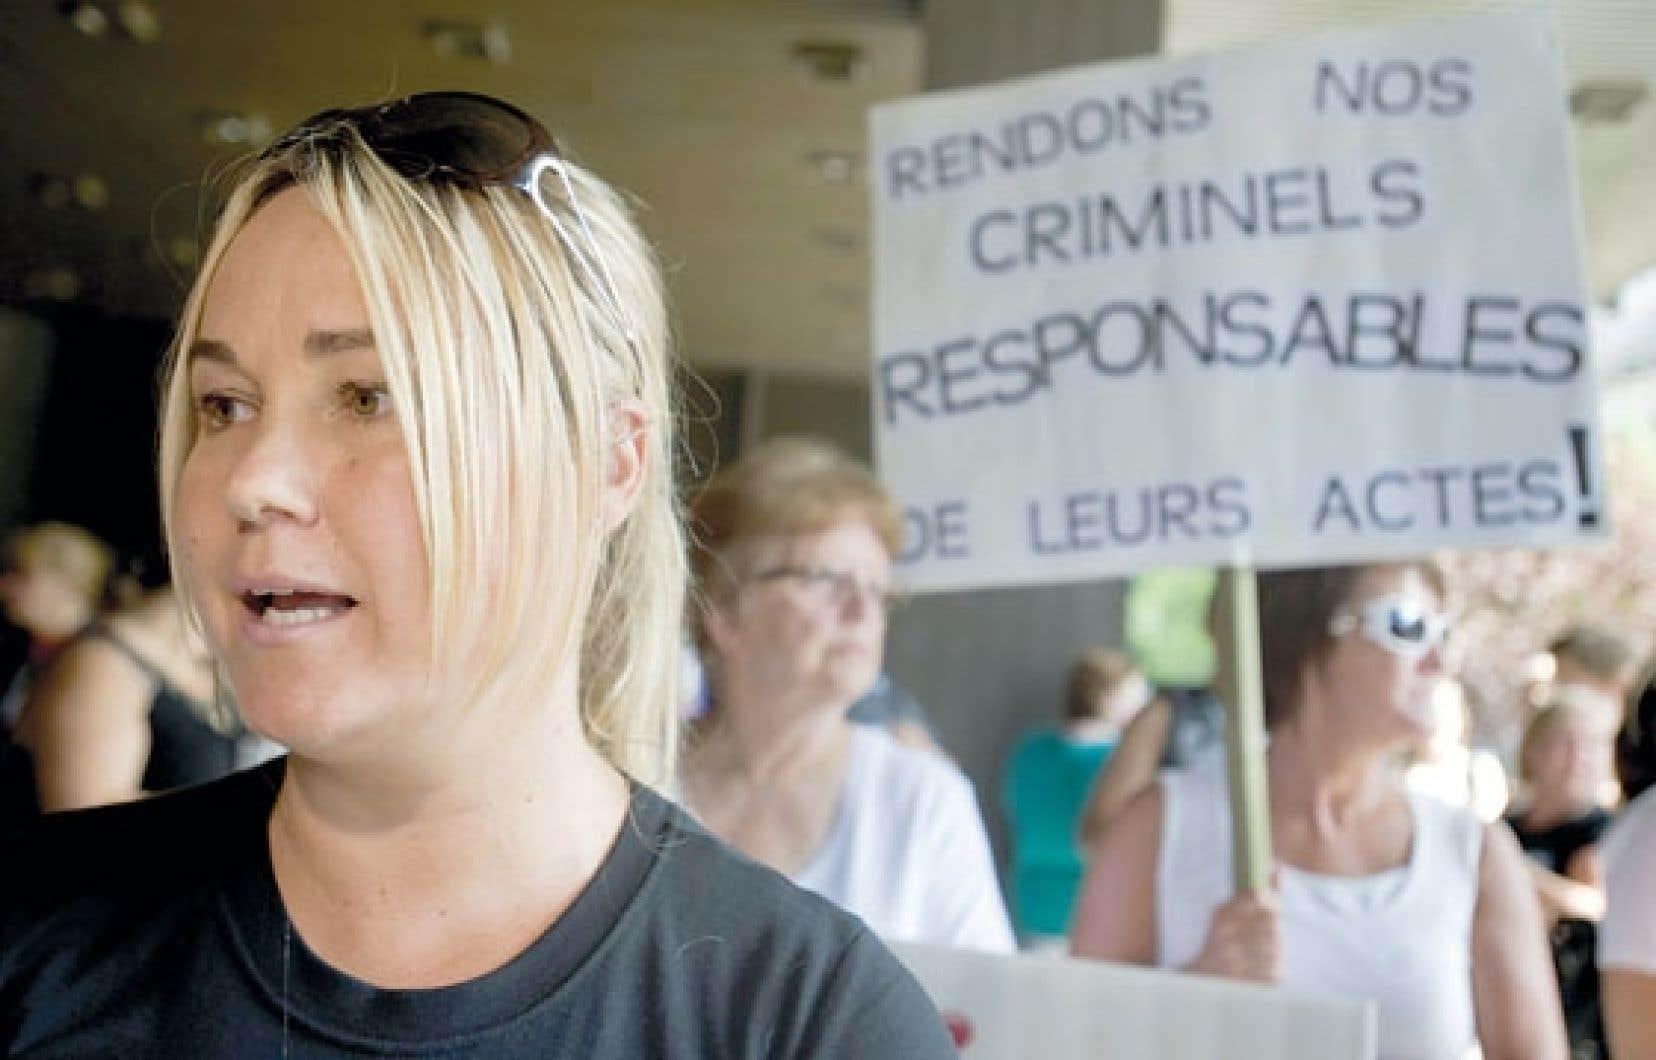 Isabelle Gaston est la mère des deux enfants tués par l'ex-cardiologue Guy Turcotte. Elle est ici photographiée lors d'une manifestation tenue le 6 août 2011 pour protester contre le verdict déclarant le meurtrier non criminellement responsable de son geste.